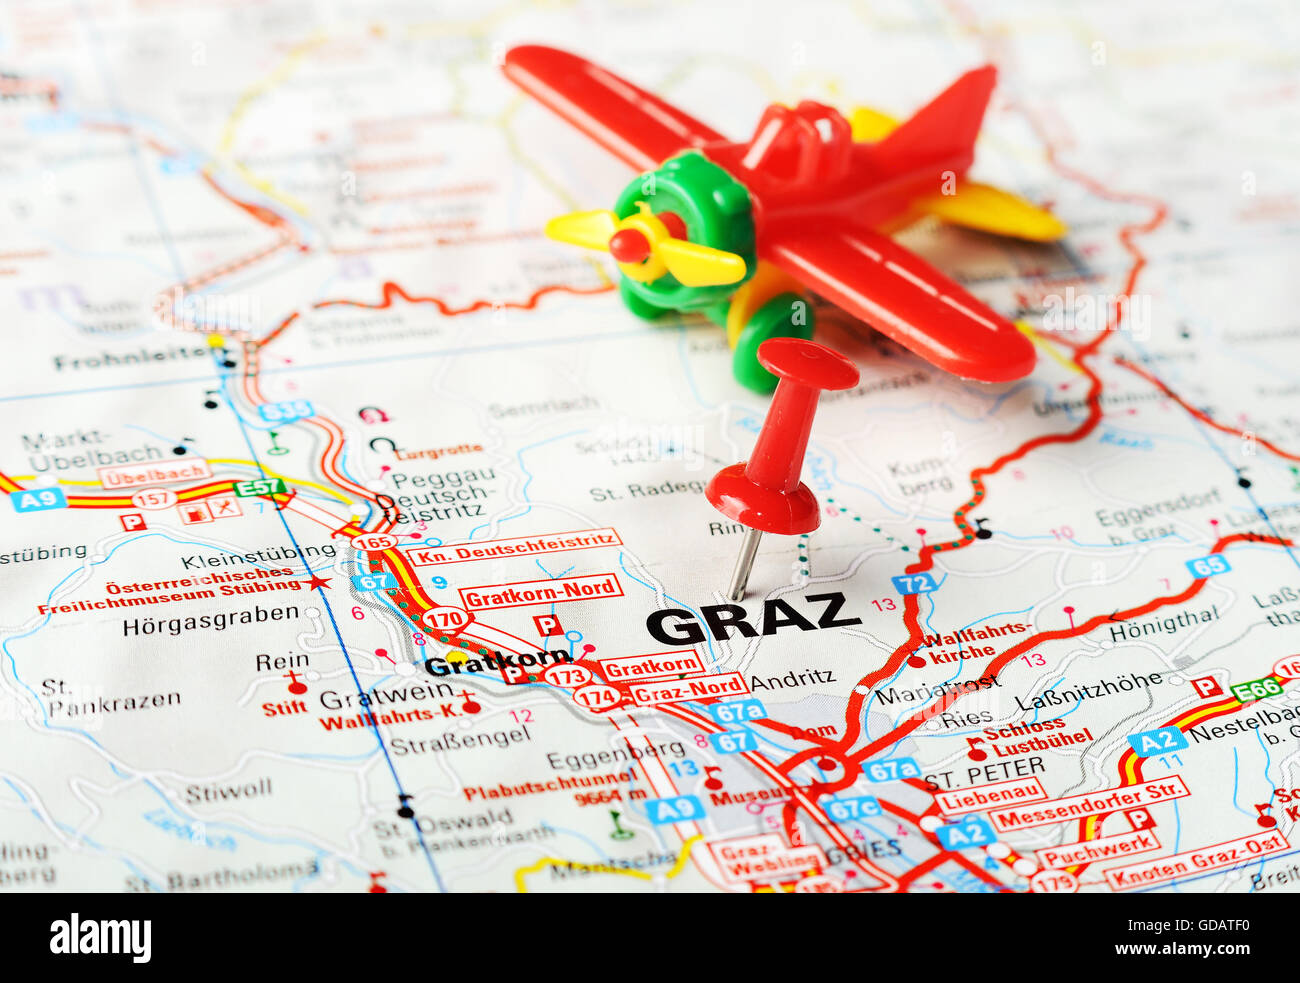 Karte Graz.Nahaufnahme Von Graz Osterreich Karte Mit Roten Stift Und